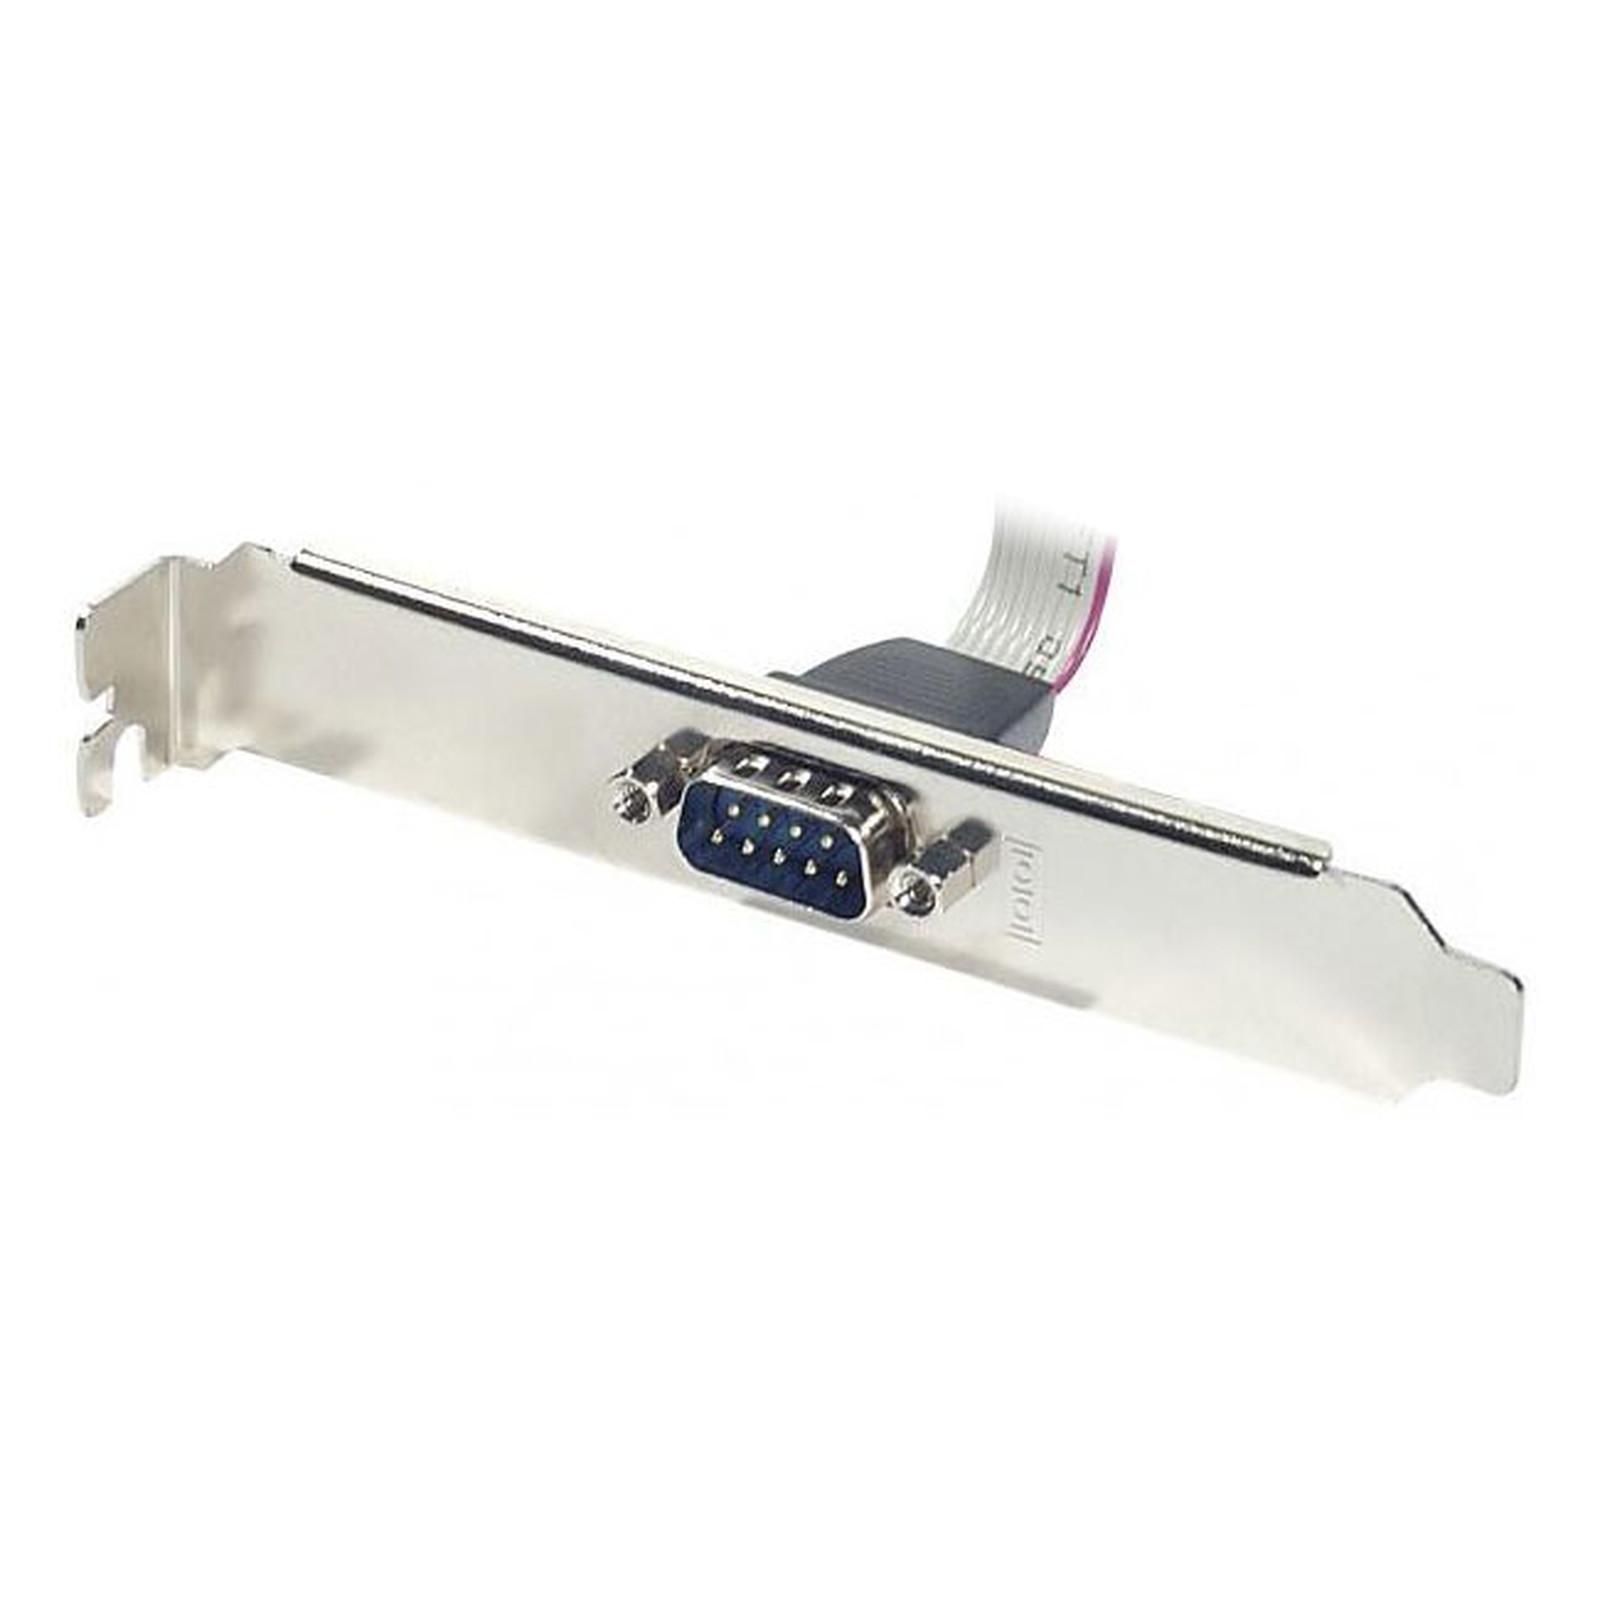 Equerre slot DB9 avec connecteur nappe HE-10 femelle - 10 contacts